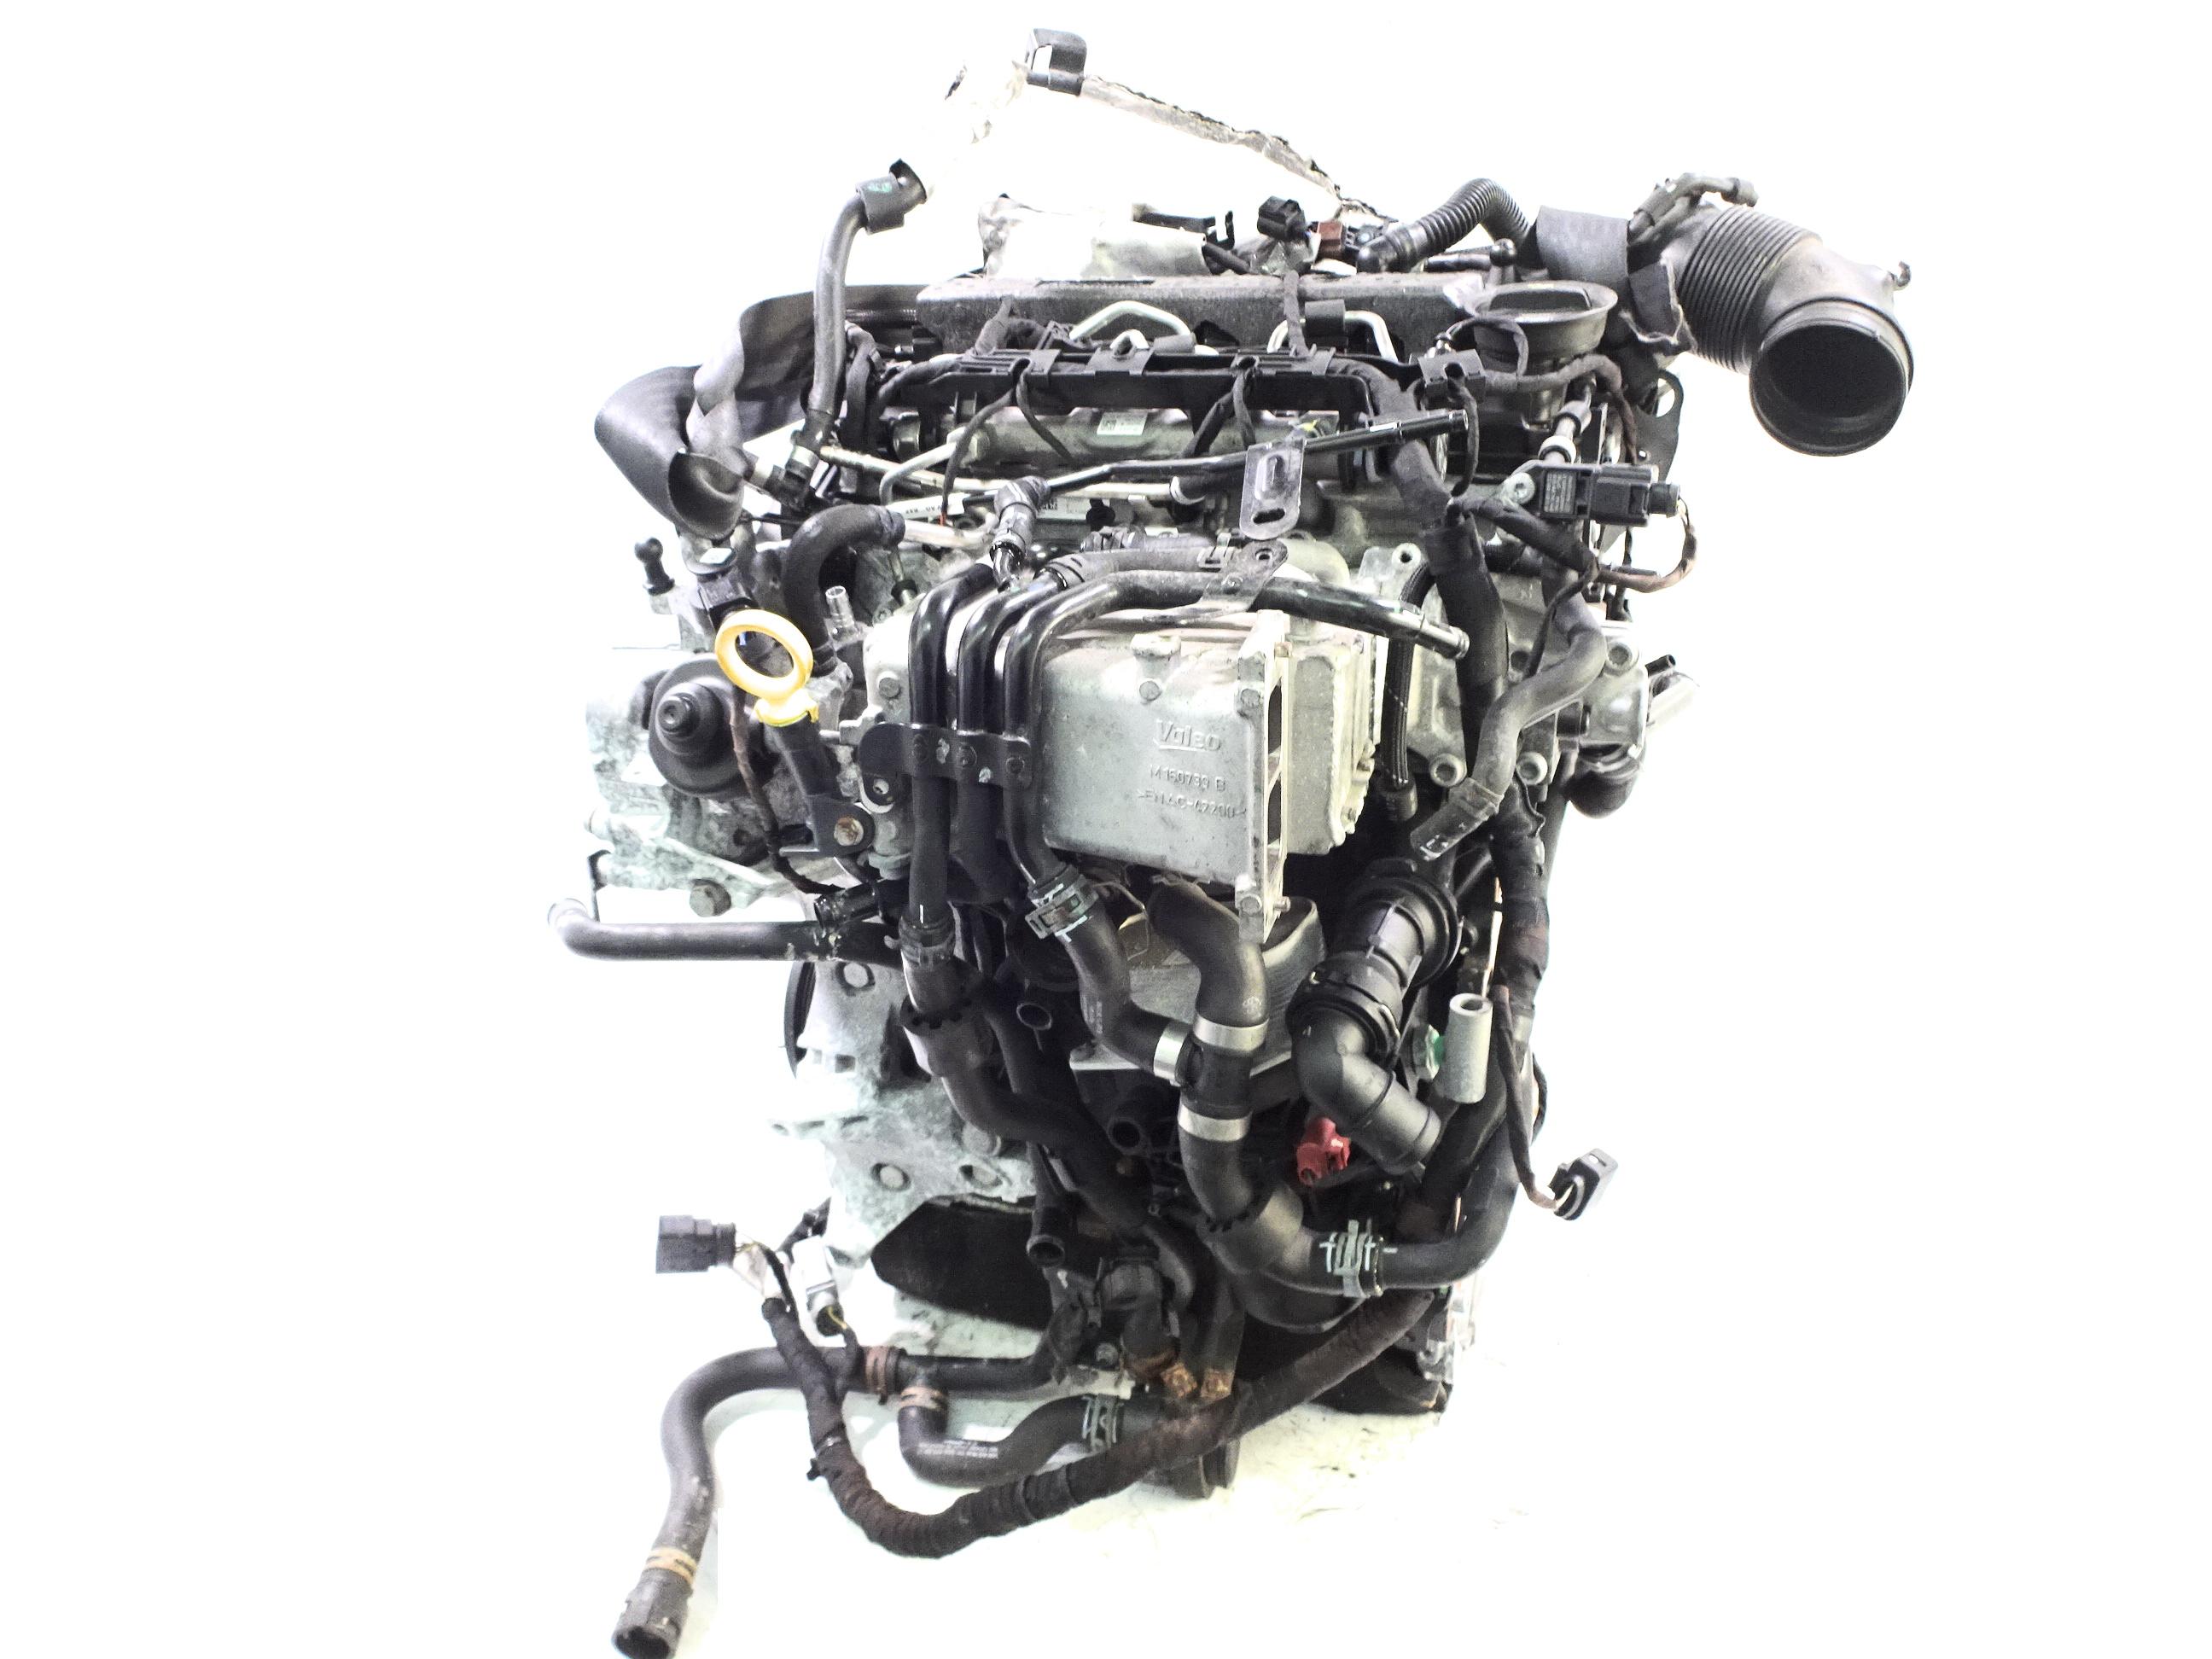 Motor 2014 Audi 1,6 TDI Diesel CLH CLHA 105 PS mit Anbauteilen